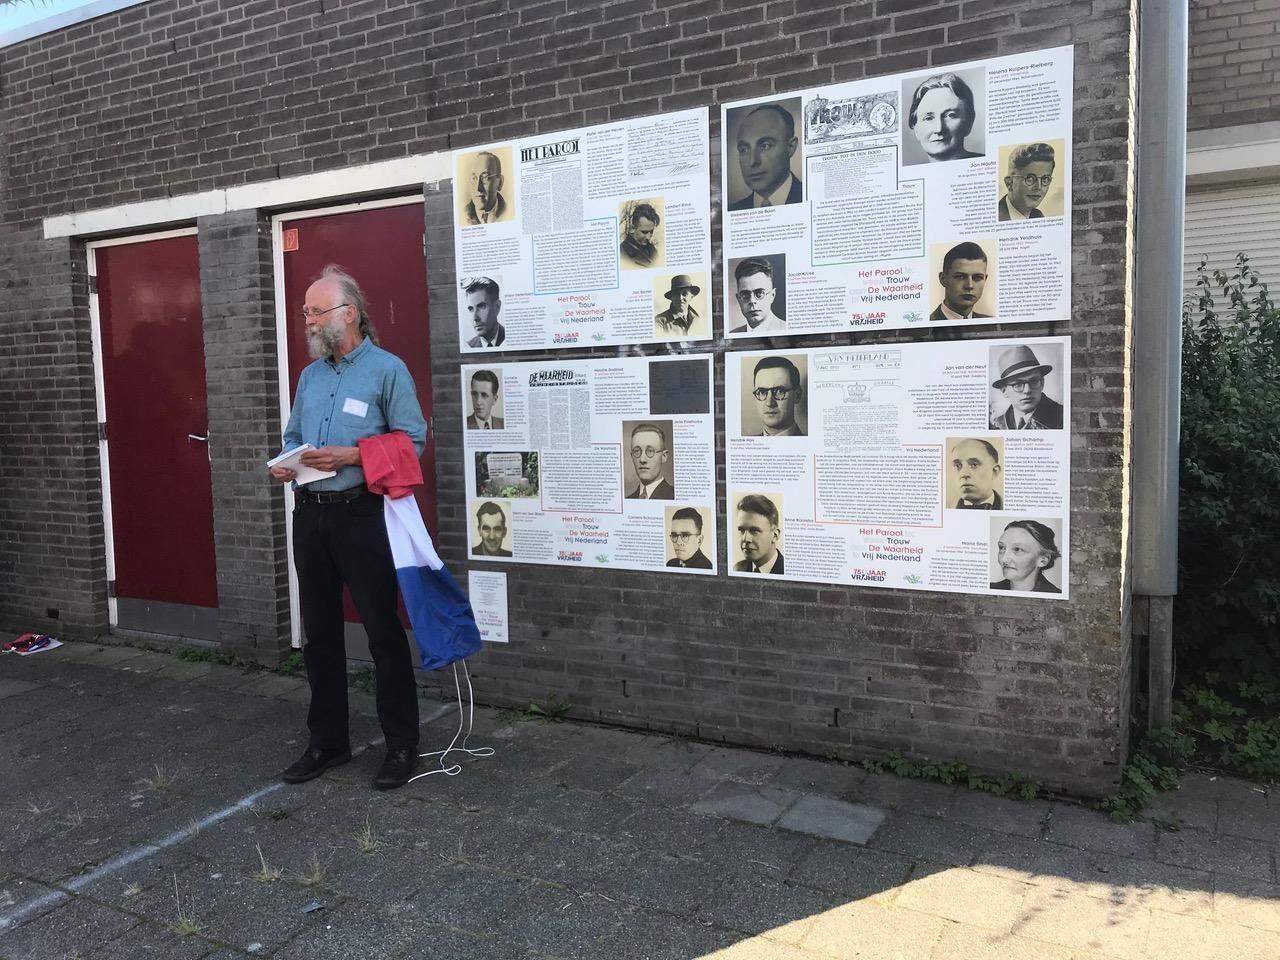 Amsterdam, verzetsmonument Gein3dorp